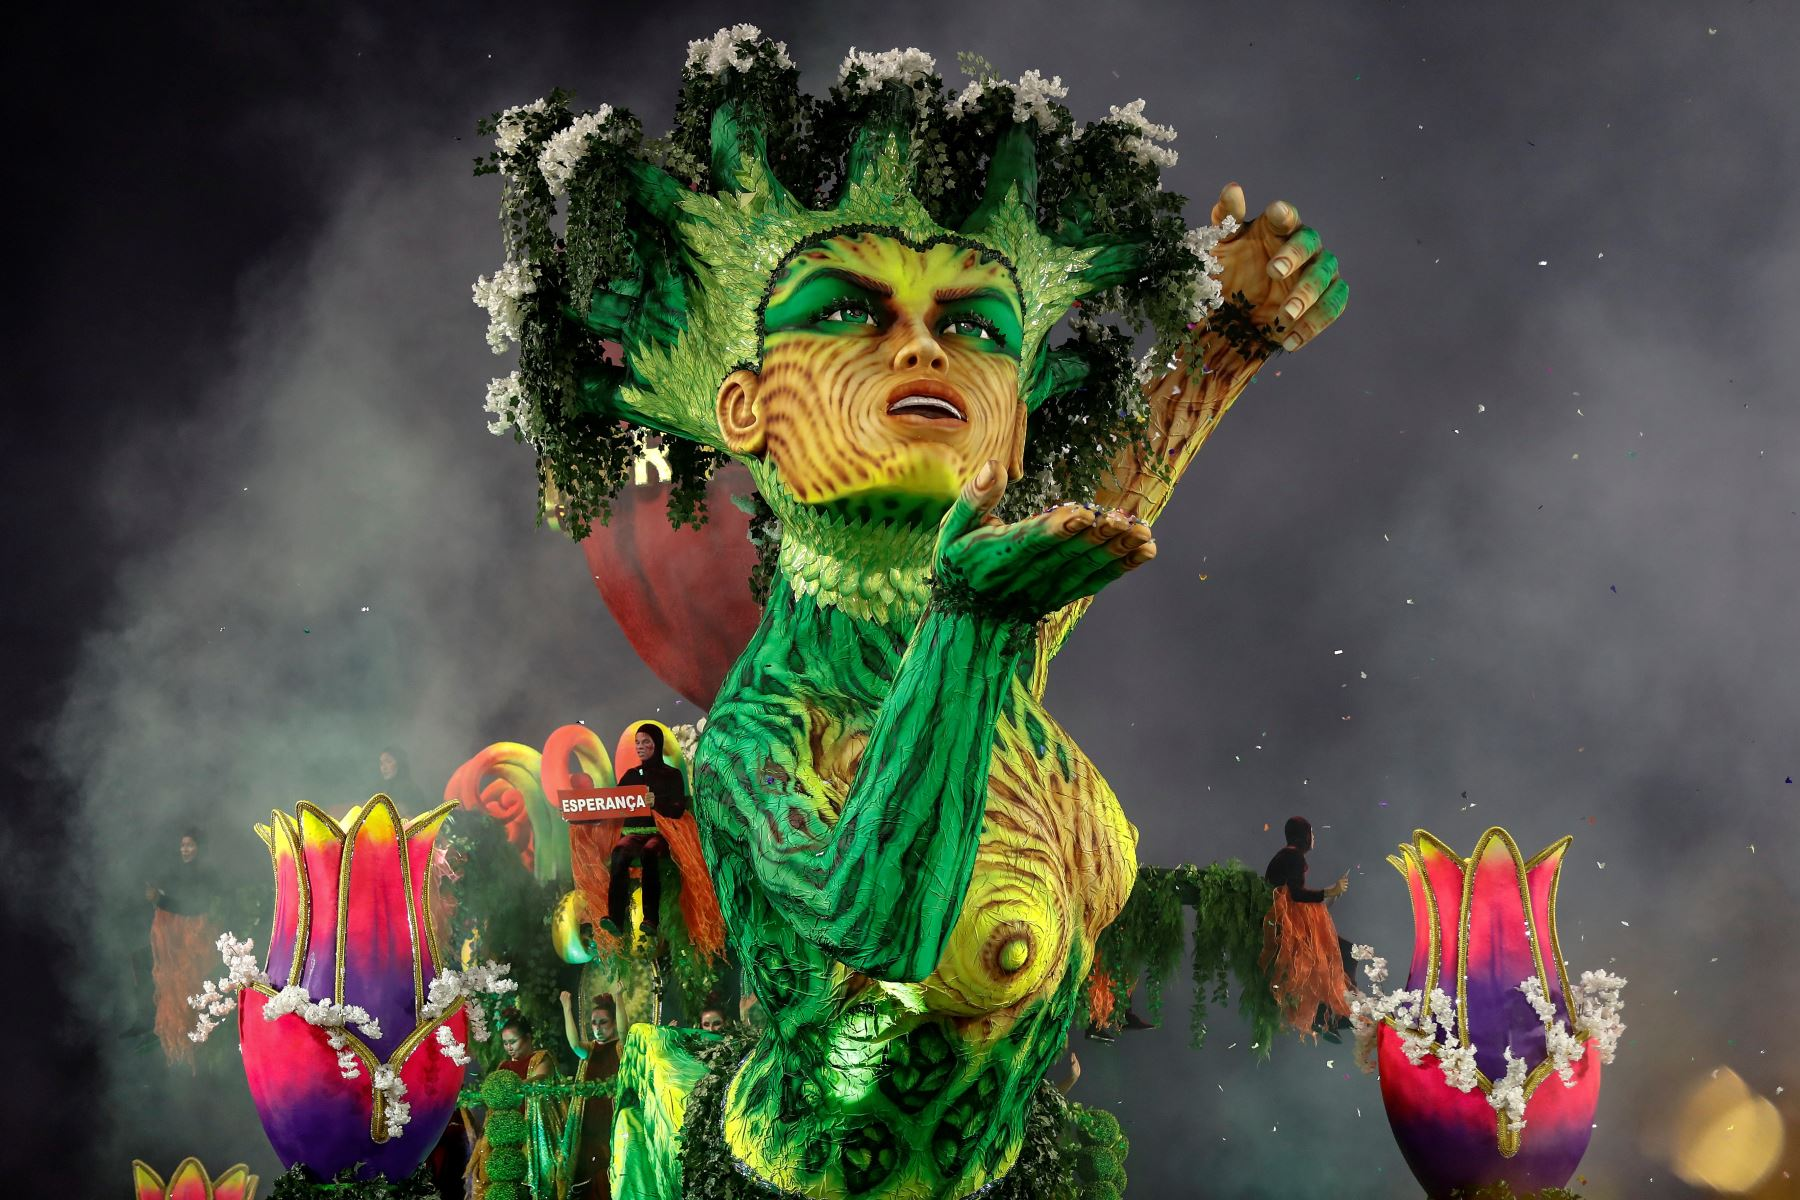 Integrantes de la escuela de samba del Grupo Especial Mancha Verde durante la celebración del carnaval en el sambódromo de Anhembí en Sao Paulo (Brasil). Foto: EFE